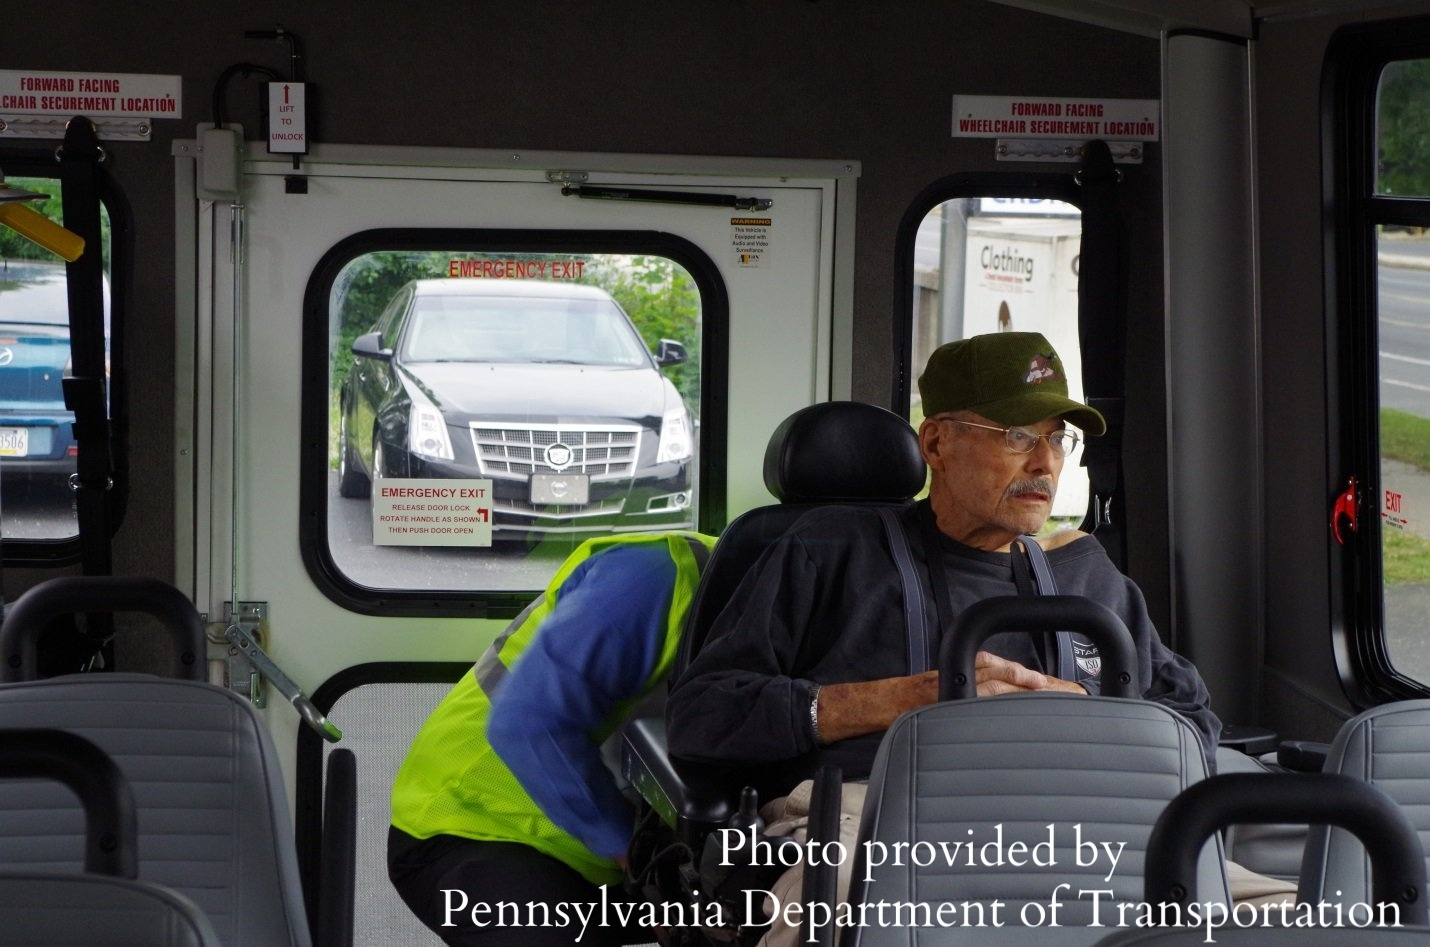 PennDOT Photo-1-695512-edited